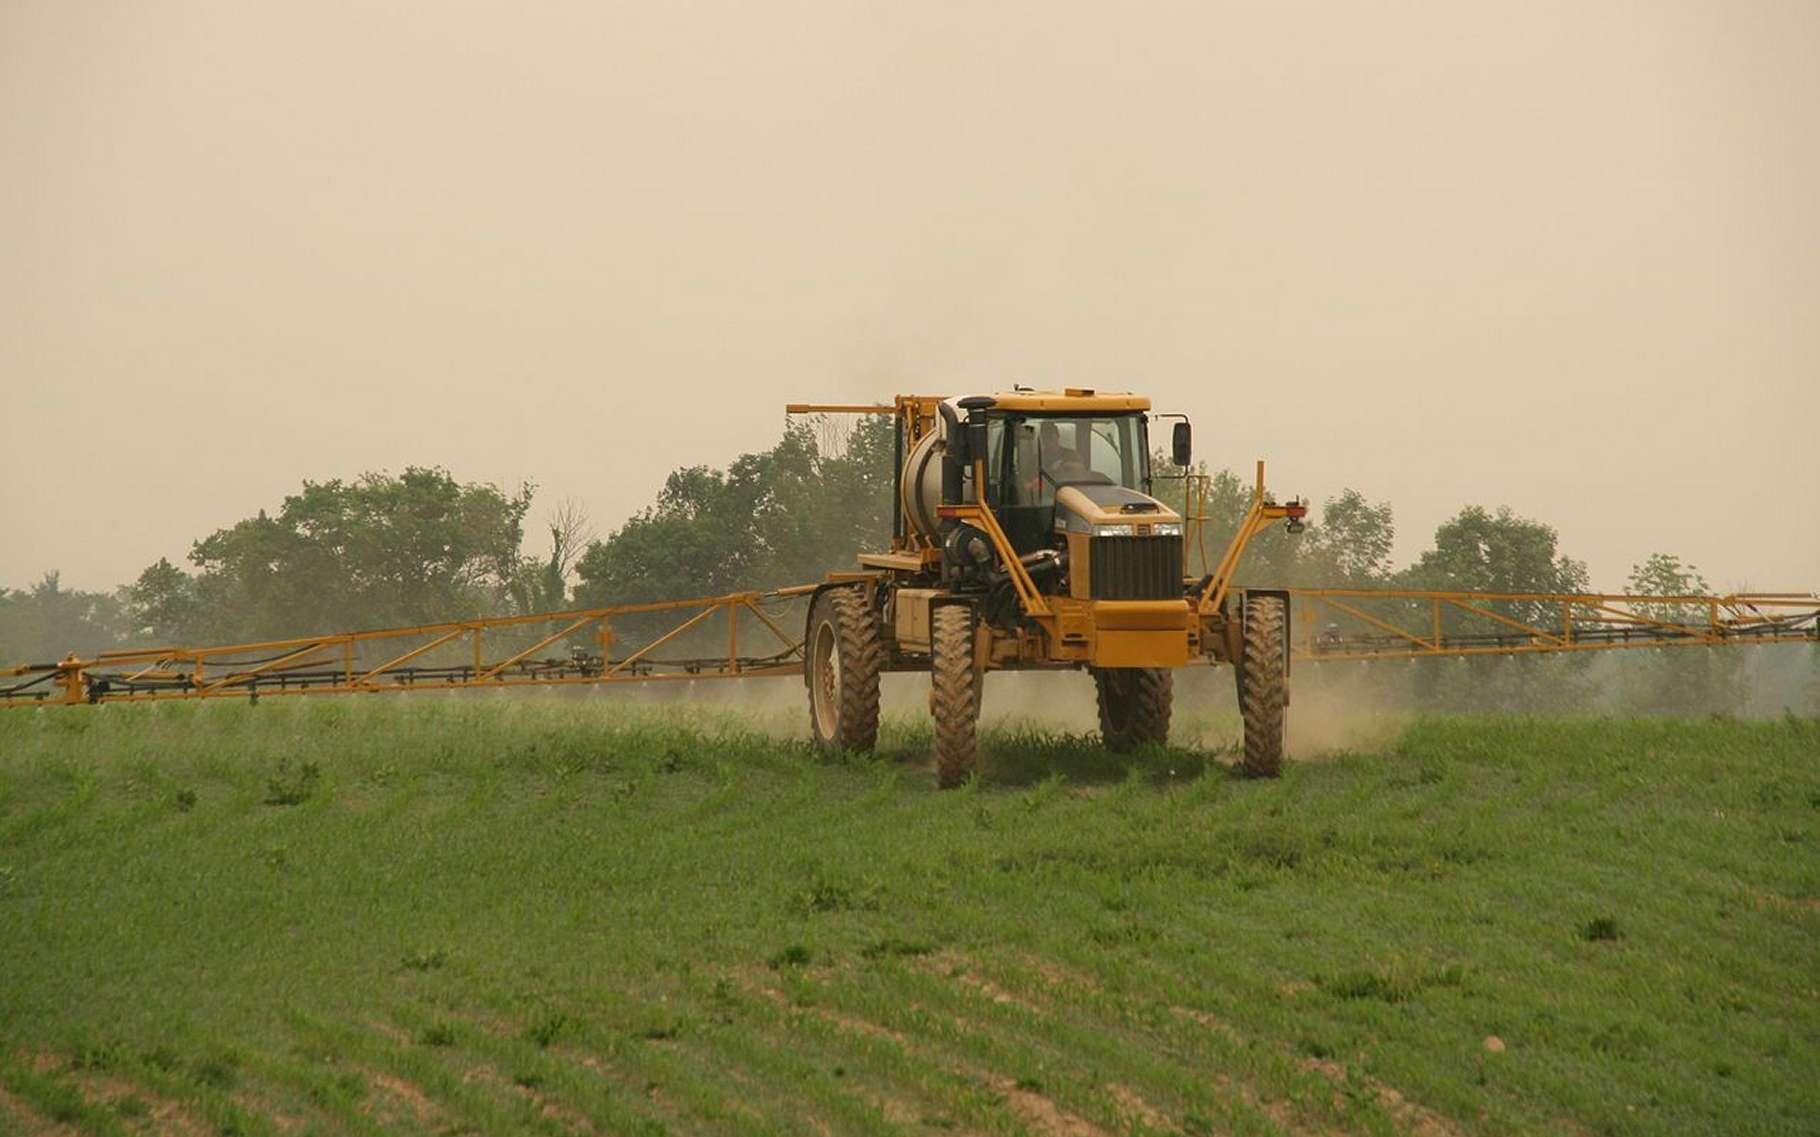 Les pesticides sont essentiels à l'agriculture actuelle mais ont des effets sanitaires indiscutables sur les agriculteurs et sur les populations voisines des cultures. Ils ont aussi un impact environnemental. La réduction de leur utilisation est au programme depuis le Grenelle de l'environnement mais toujours en chantier. © Pl77, Wikimedia Commons, CC by 3.0